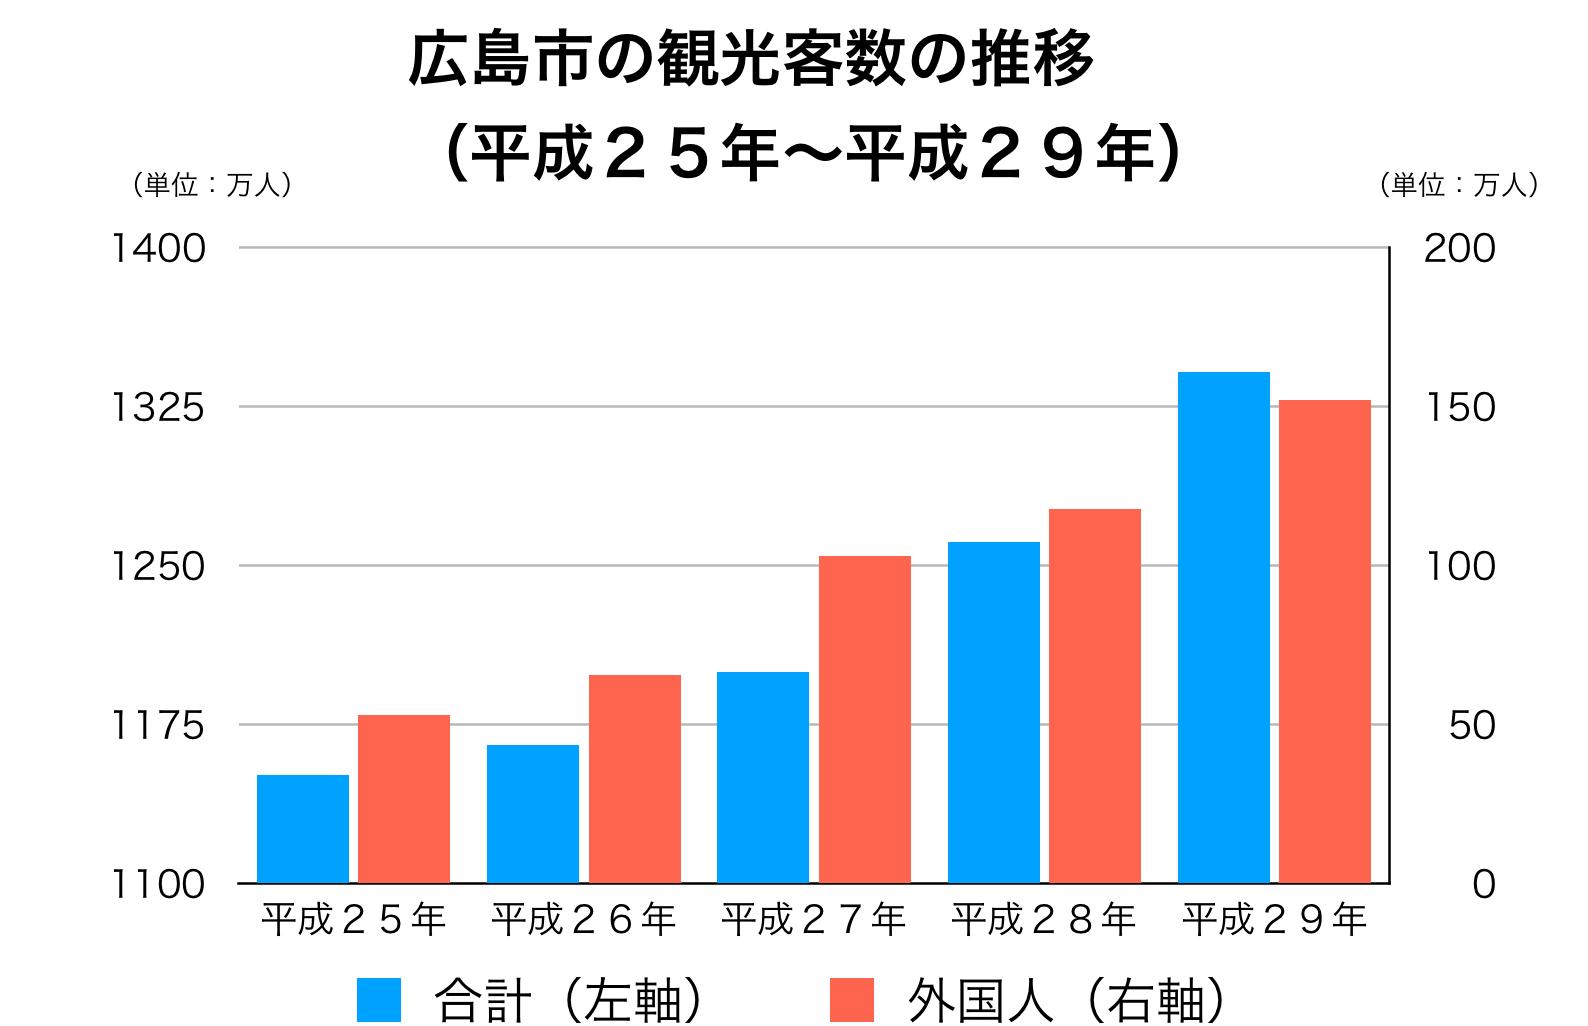 広島県の観光客数の推移